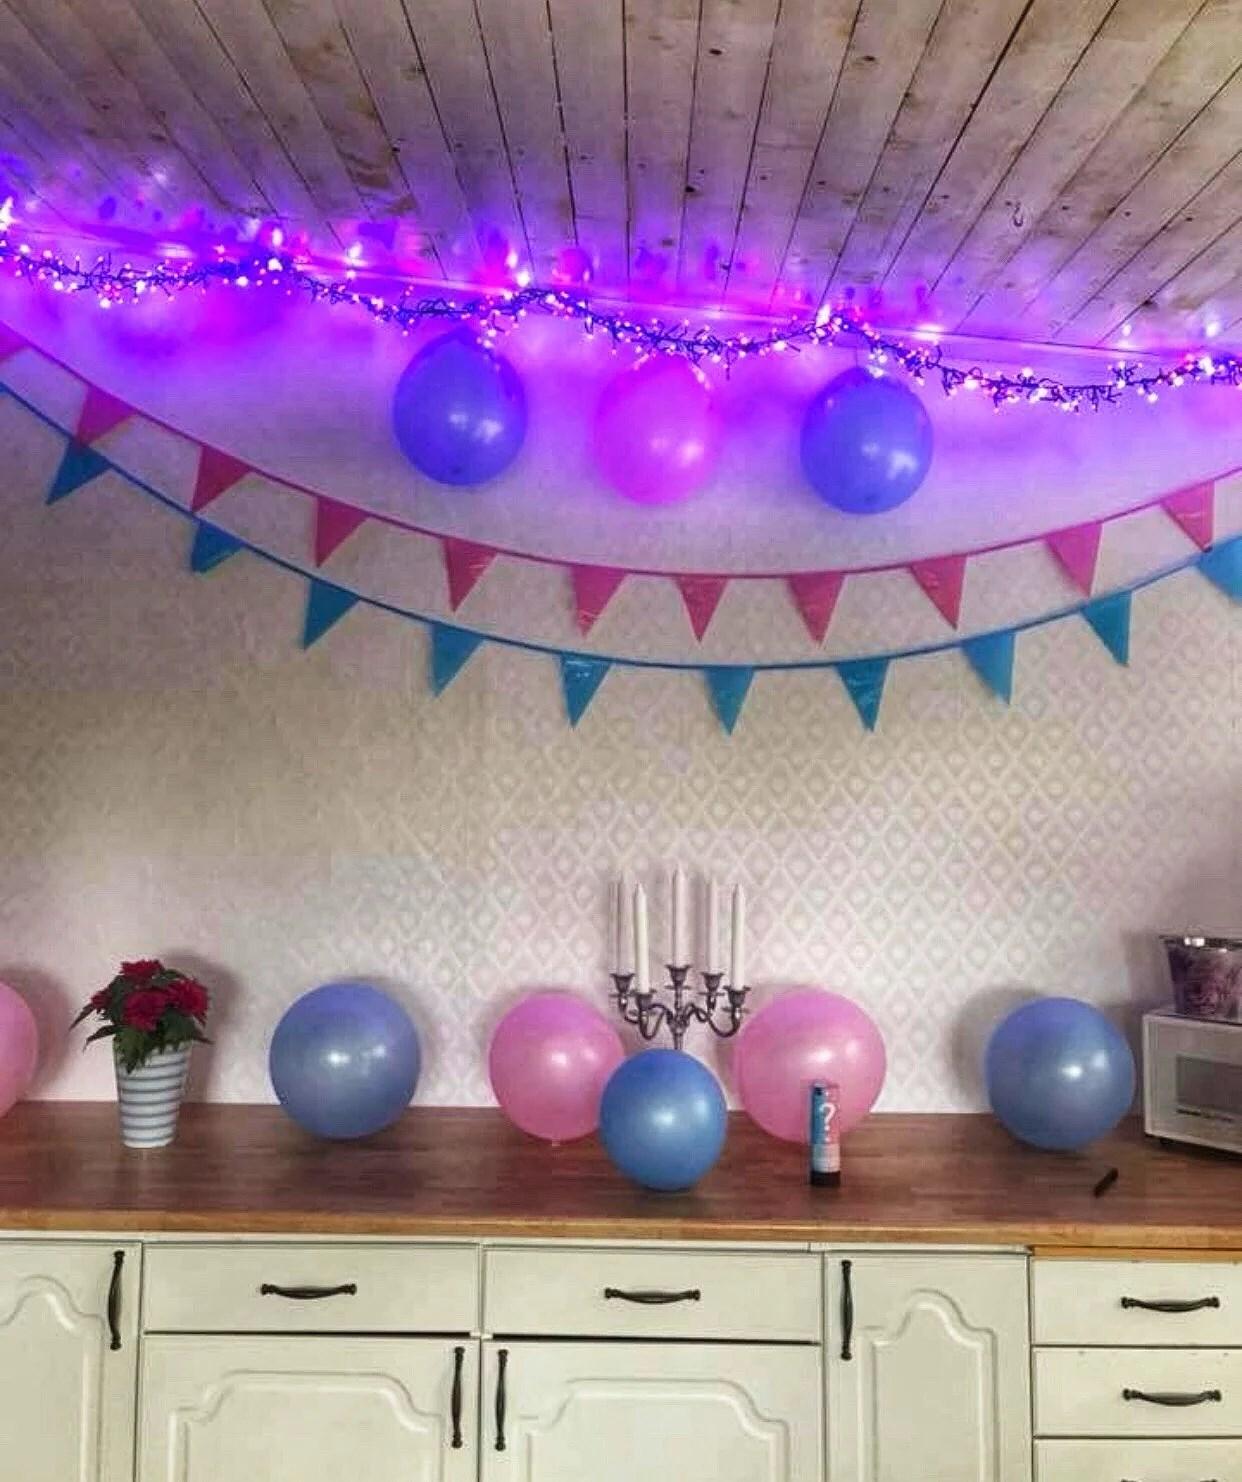 Rutinultraljud & gender reveal fest